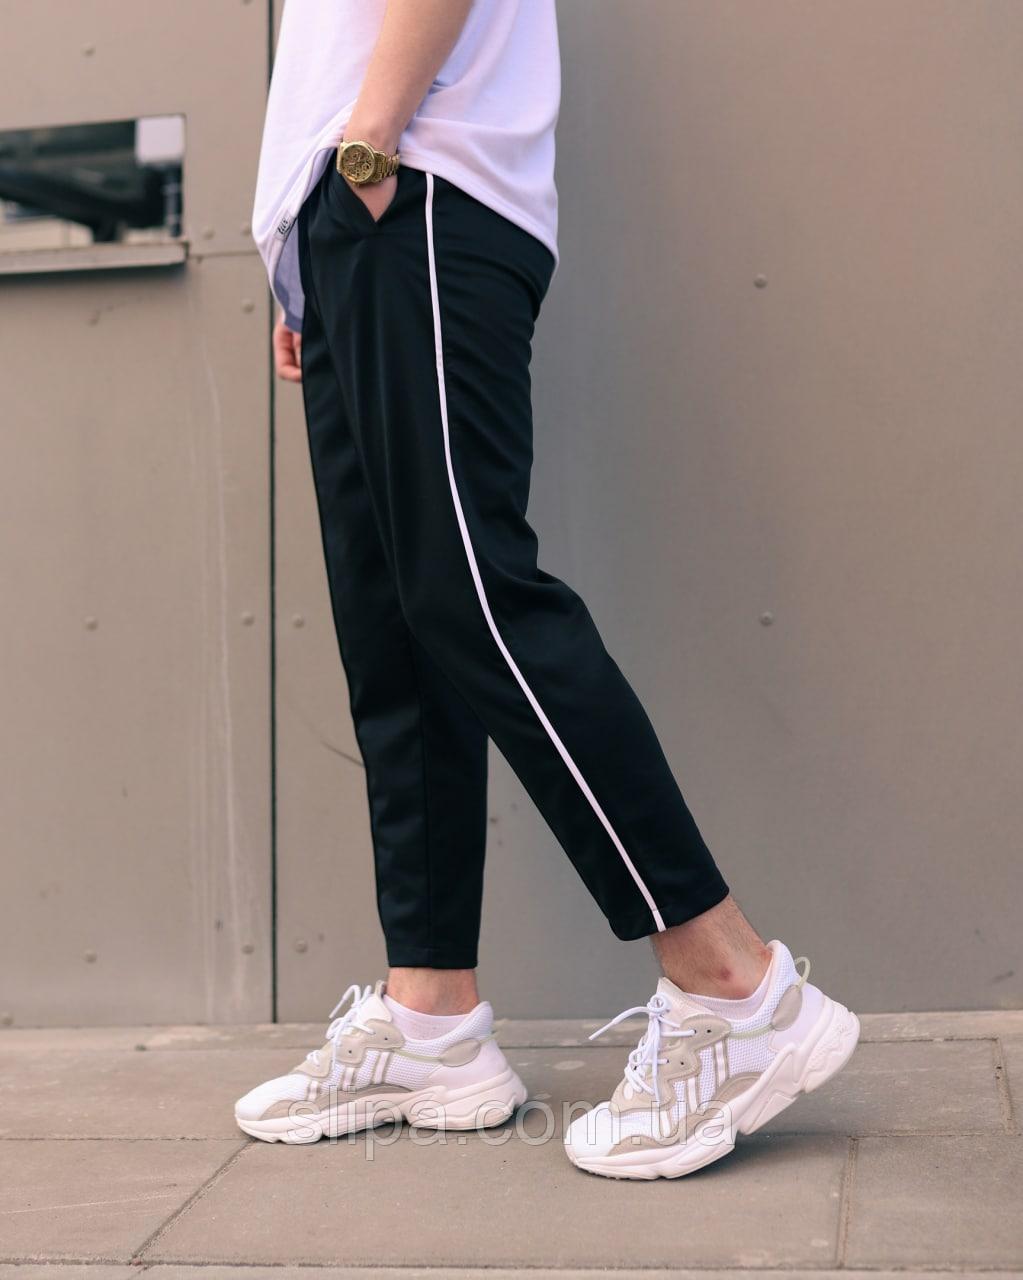 Чорні спортивні штани з тонким білим лампасом | віскоза + поліестер + еластан